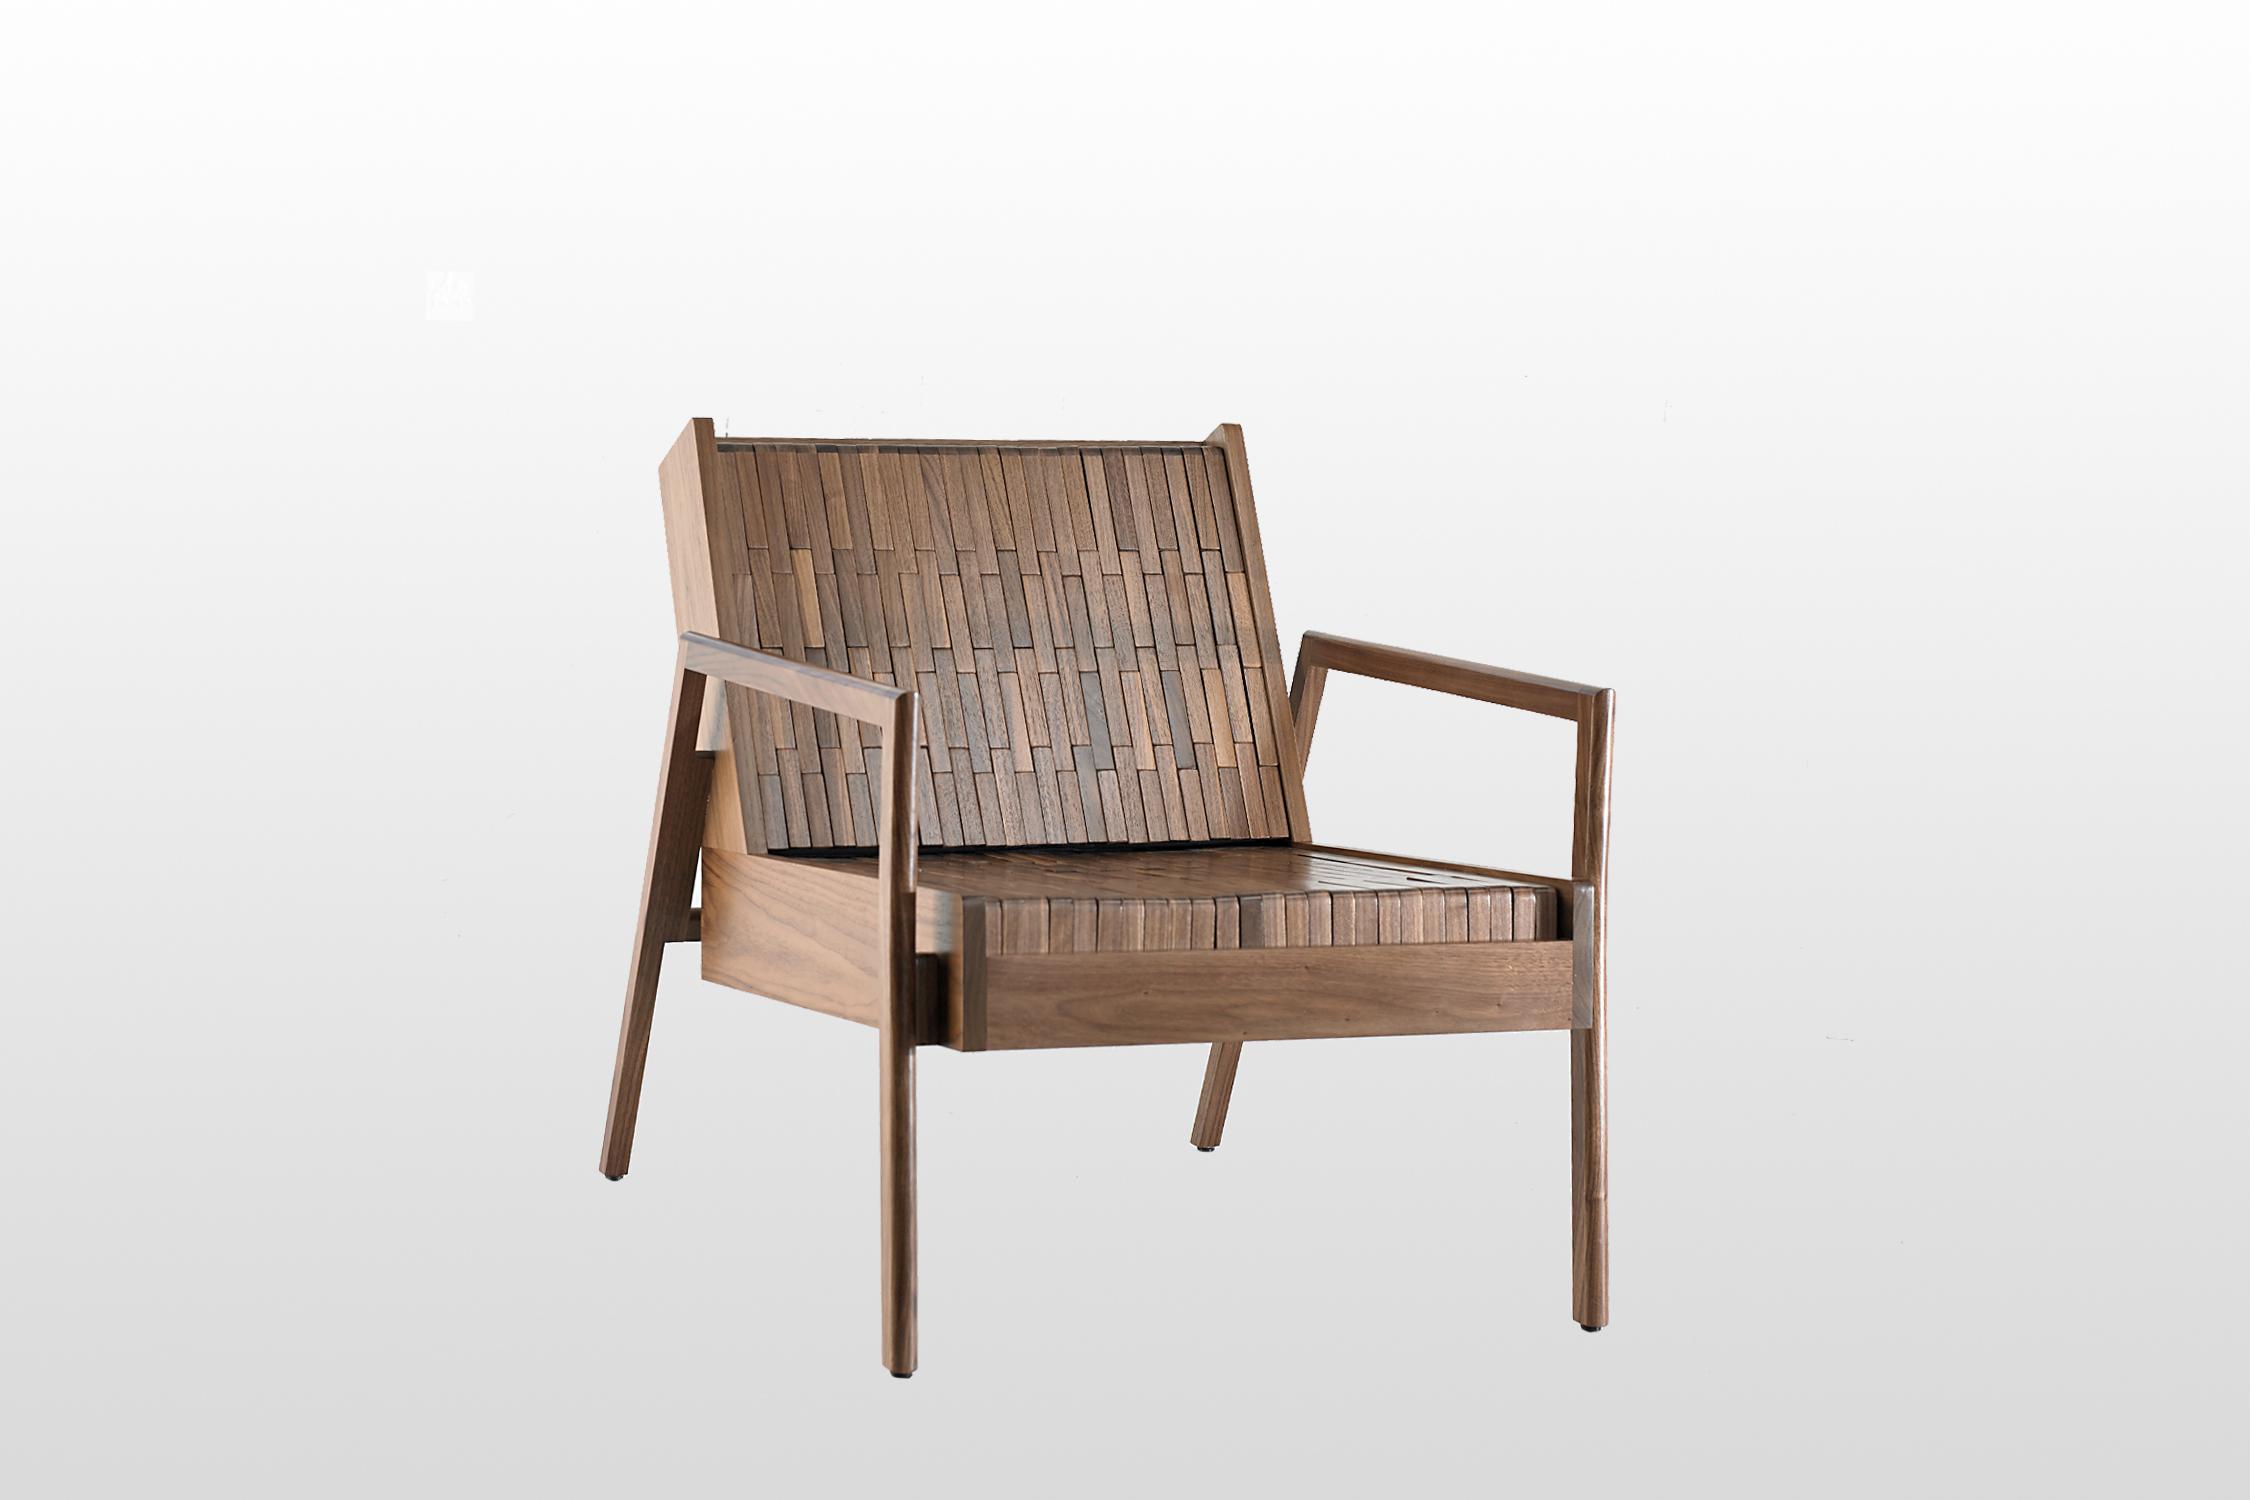 Block chair armed1.jpg